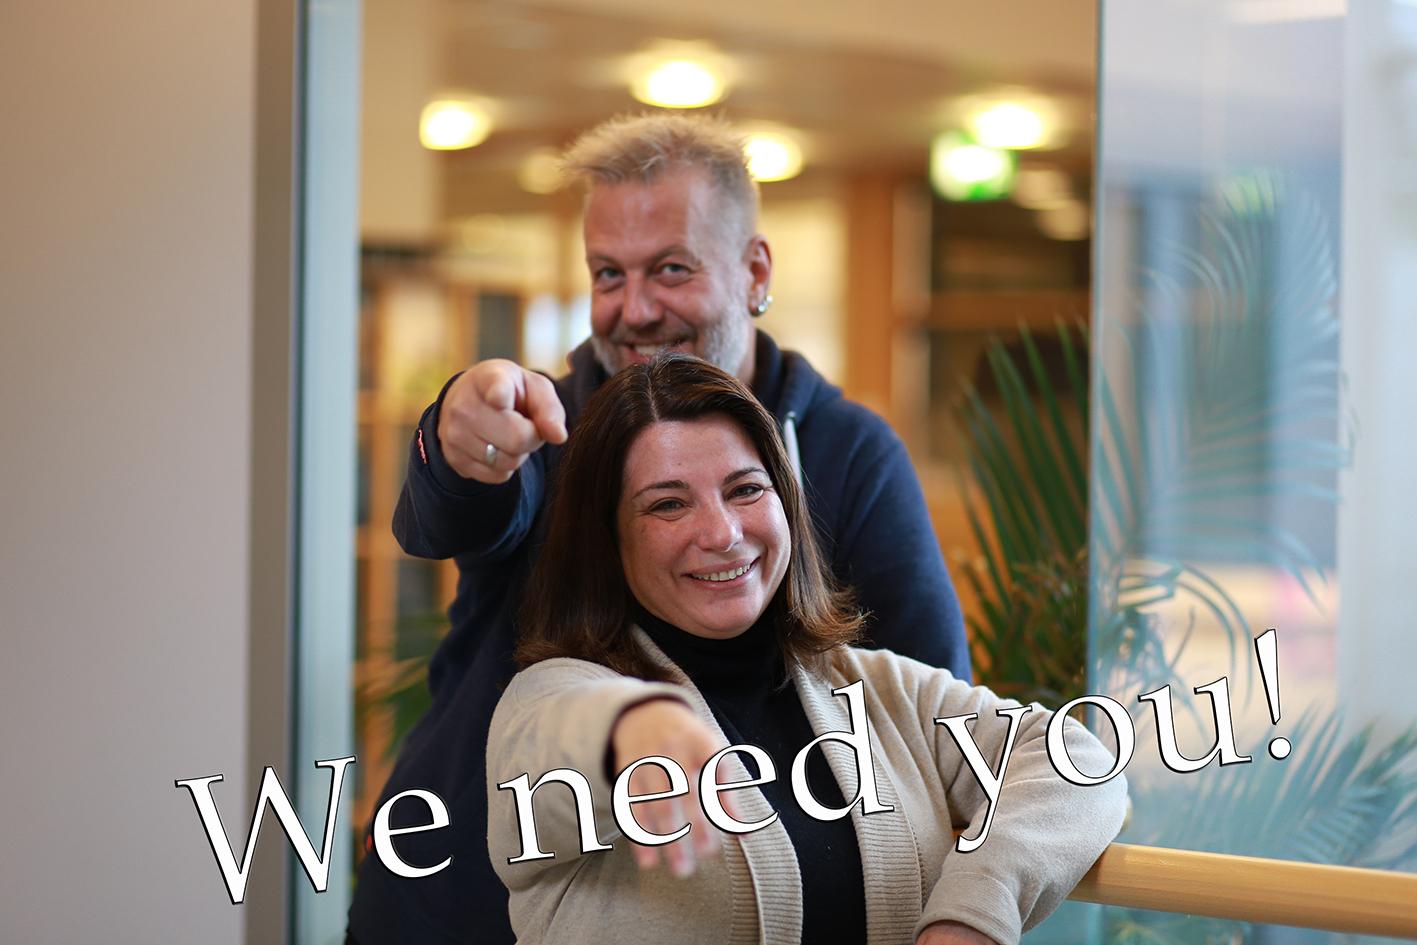 Hovedveileder Terje Solvoll og prosjektleder Conceição Granja Bartnæs ønsker hjelp i arbeidet med WARIFA-prosjektet. Foto: Hasse Berntsen.